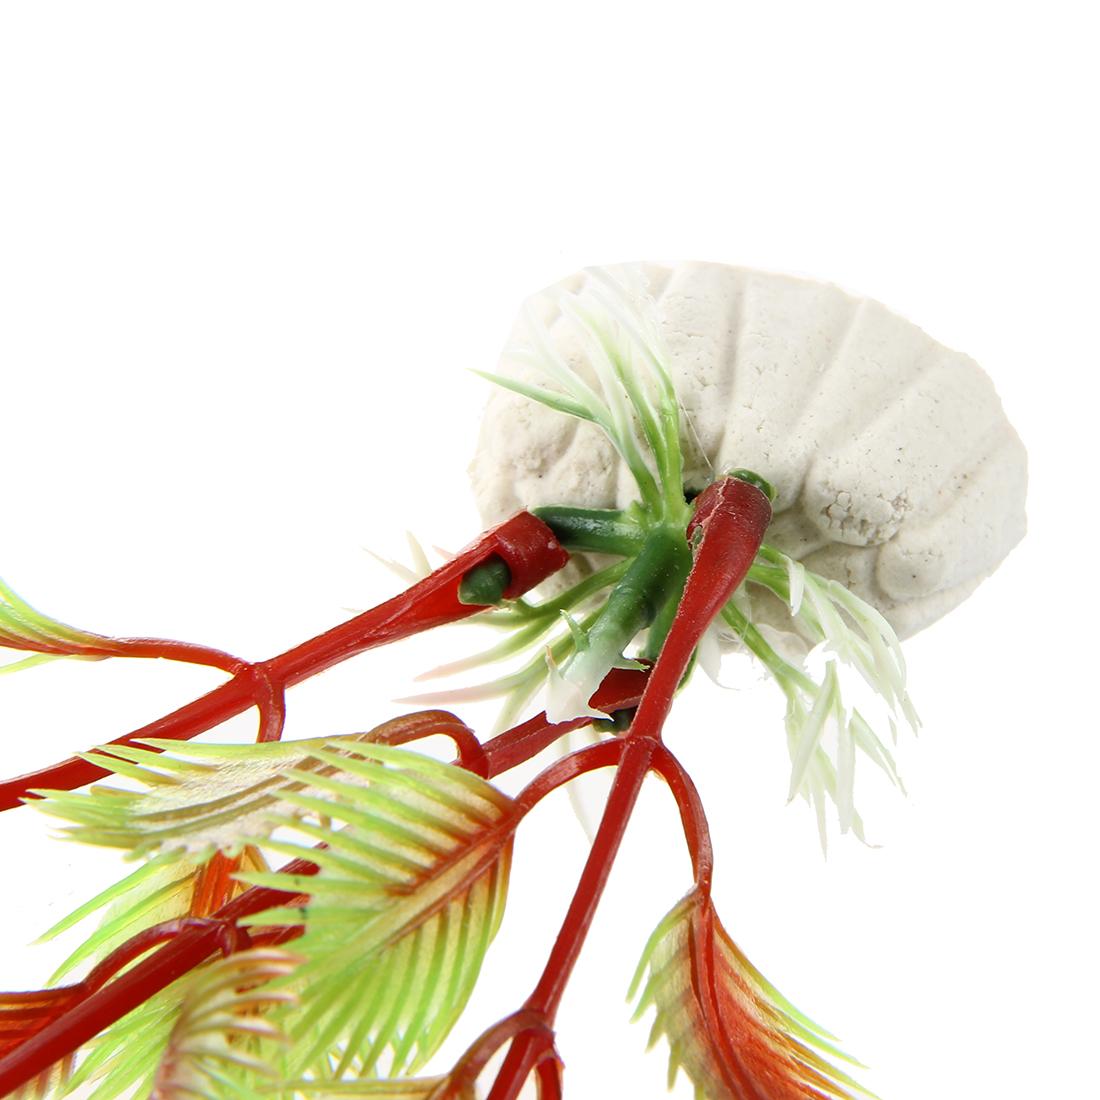 Planta artificial decoracion decorativo acuarios pecera for Estanque decorativo